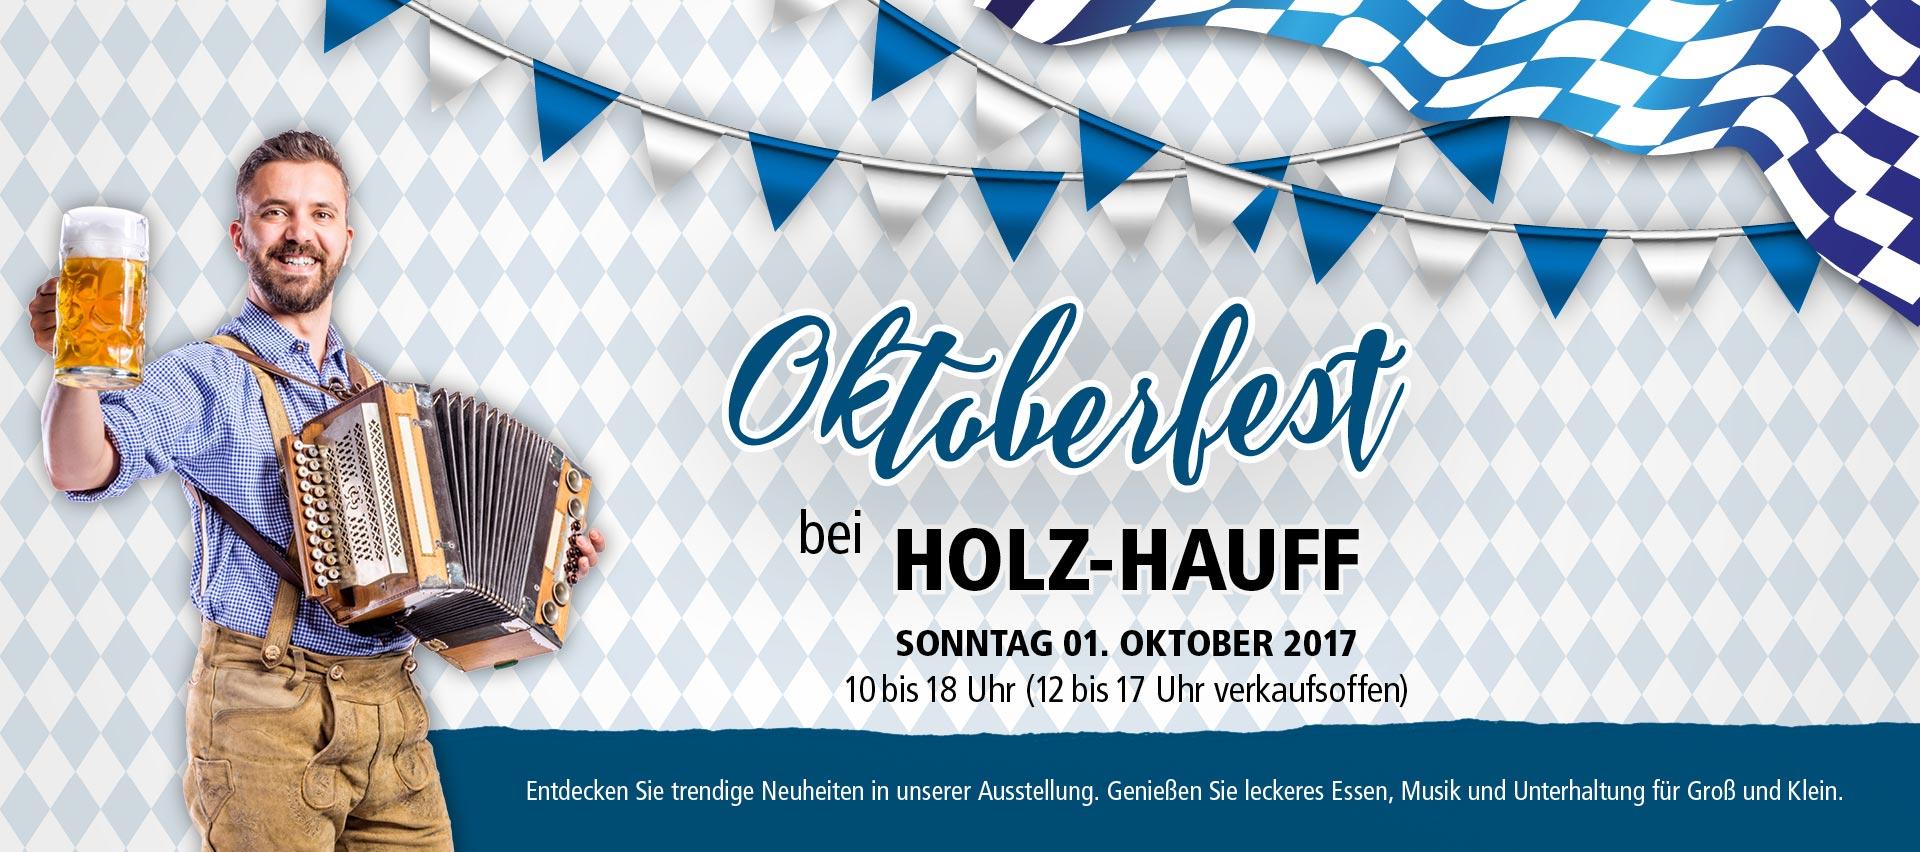 Oktoberfest Tag der offenen Tür 01. Oktober 2017 Holz-Hauf Leingarten